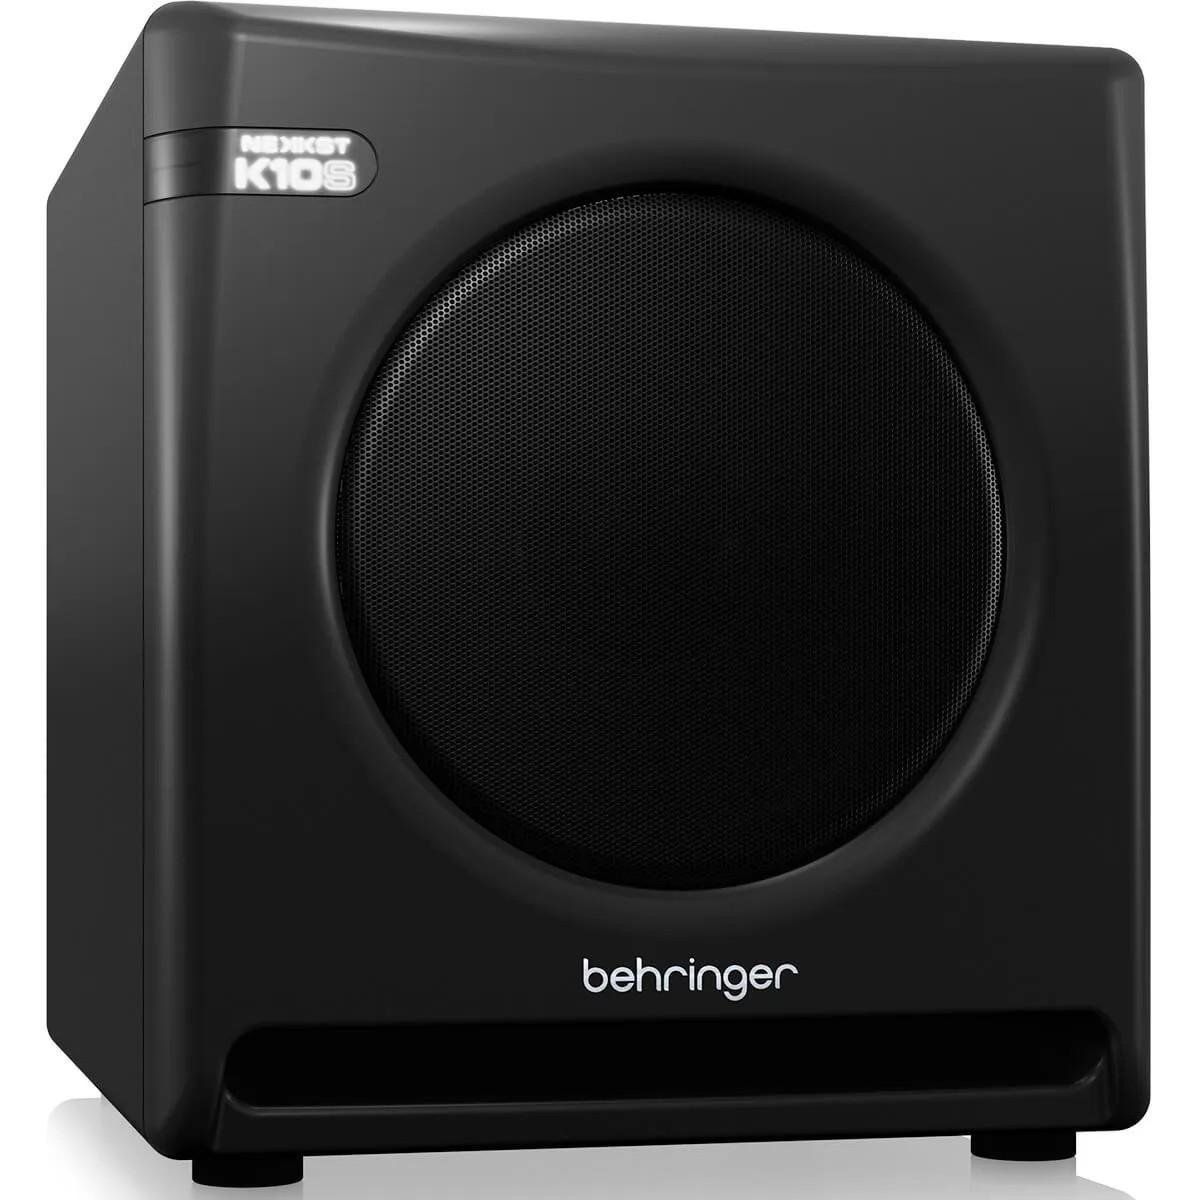 Monitor de Estudio Behringer NEKKST K10S